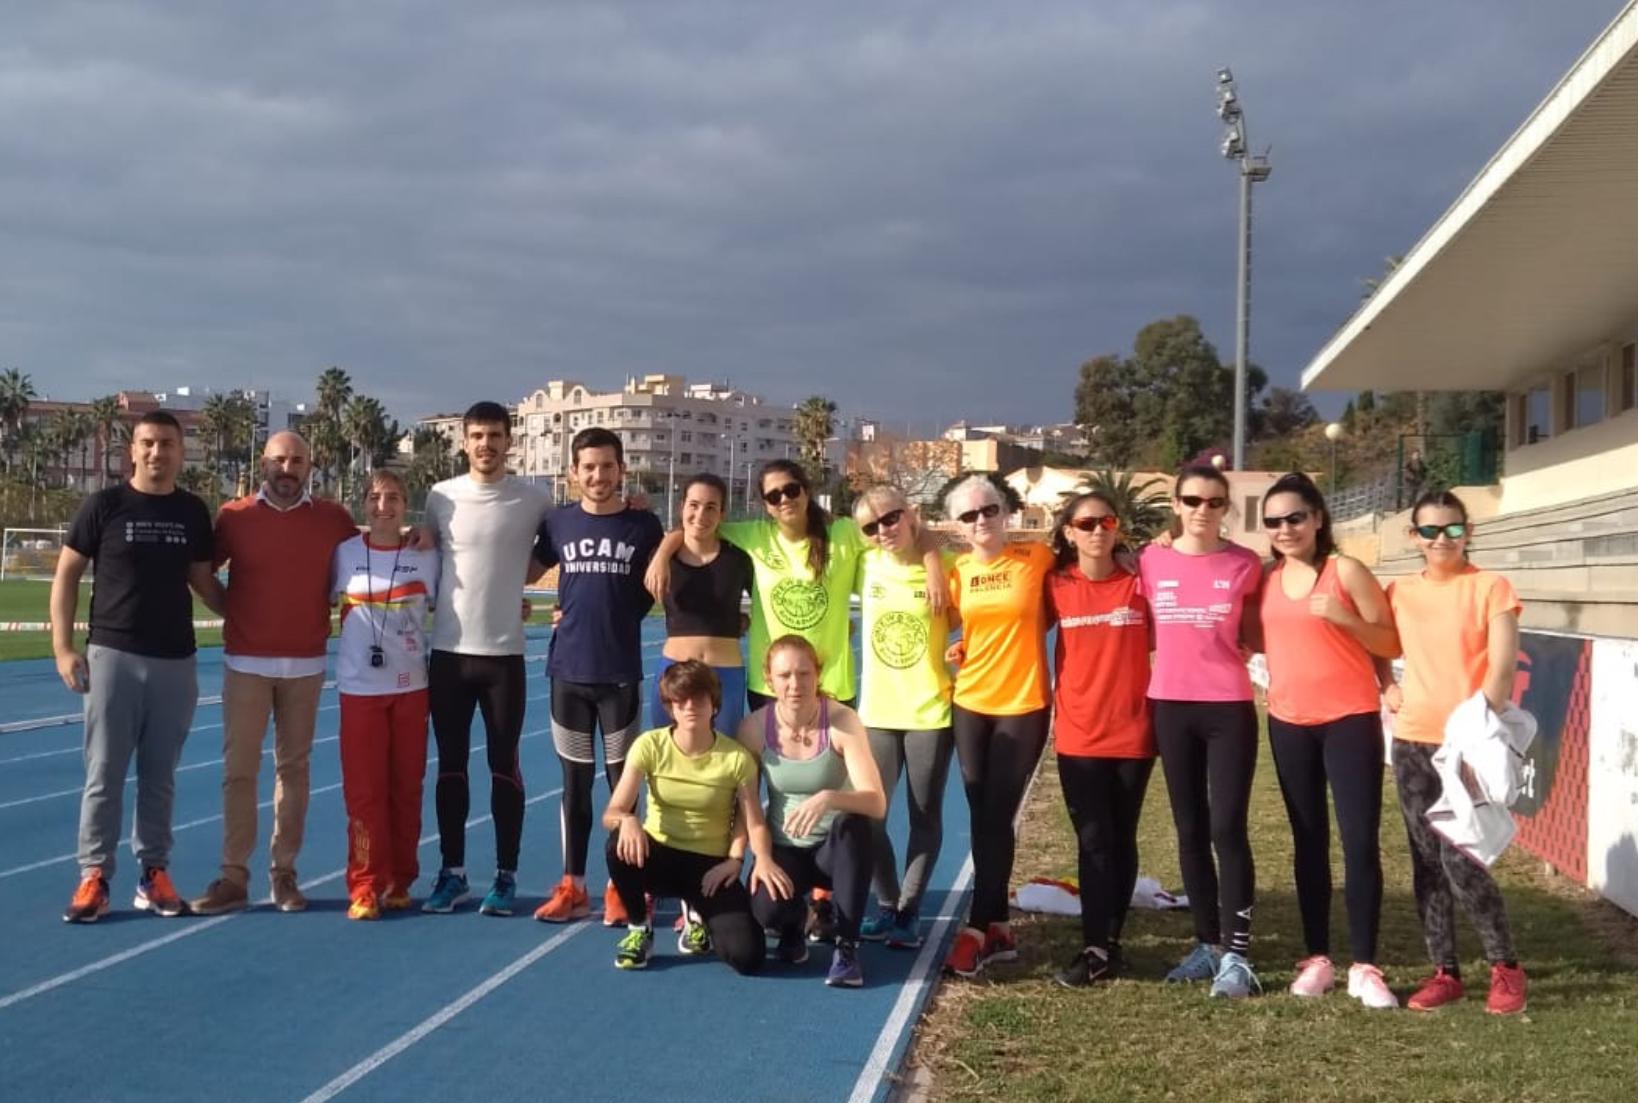 Ocho atletas con discapacidad visual grave asisten a la Concentración de Mujer y Deporte que se celebró en l'Alfàs del Pi.